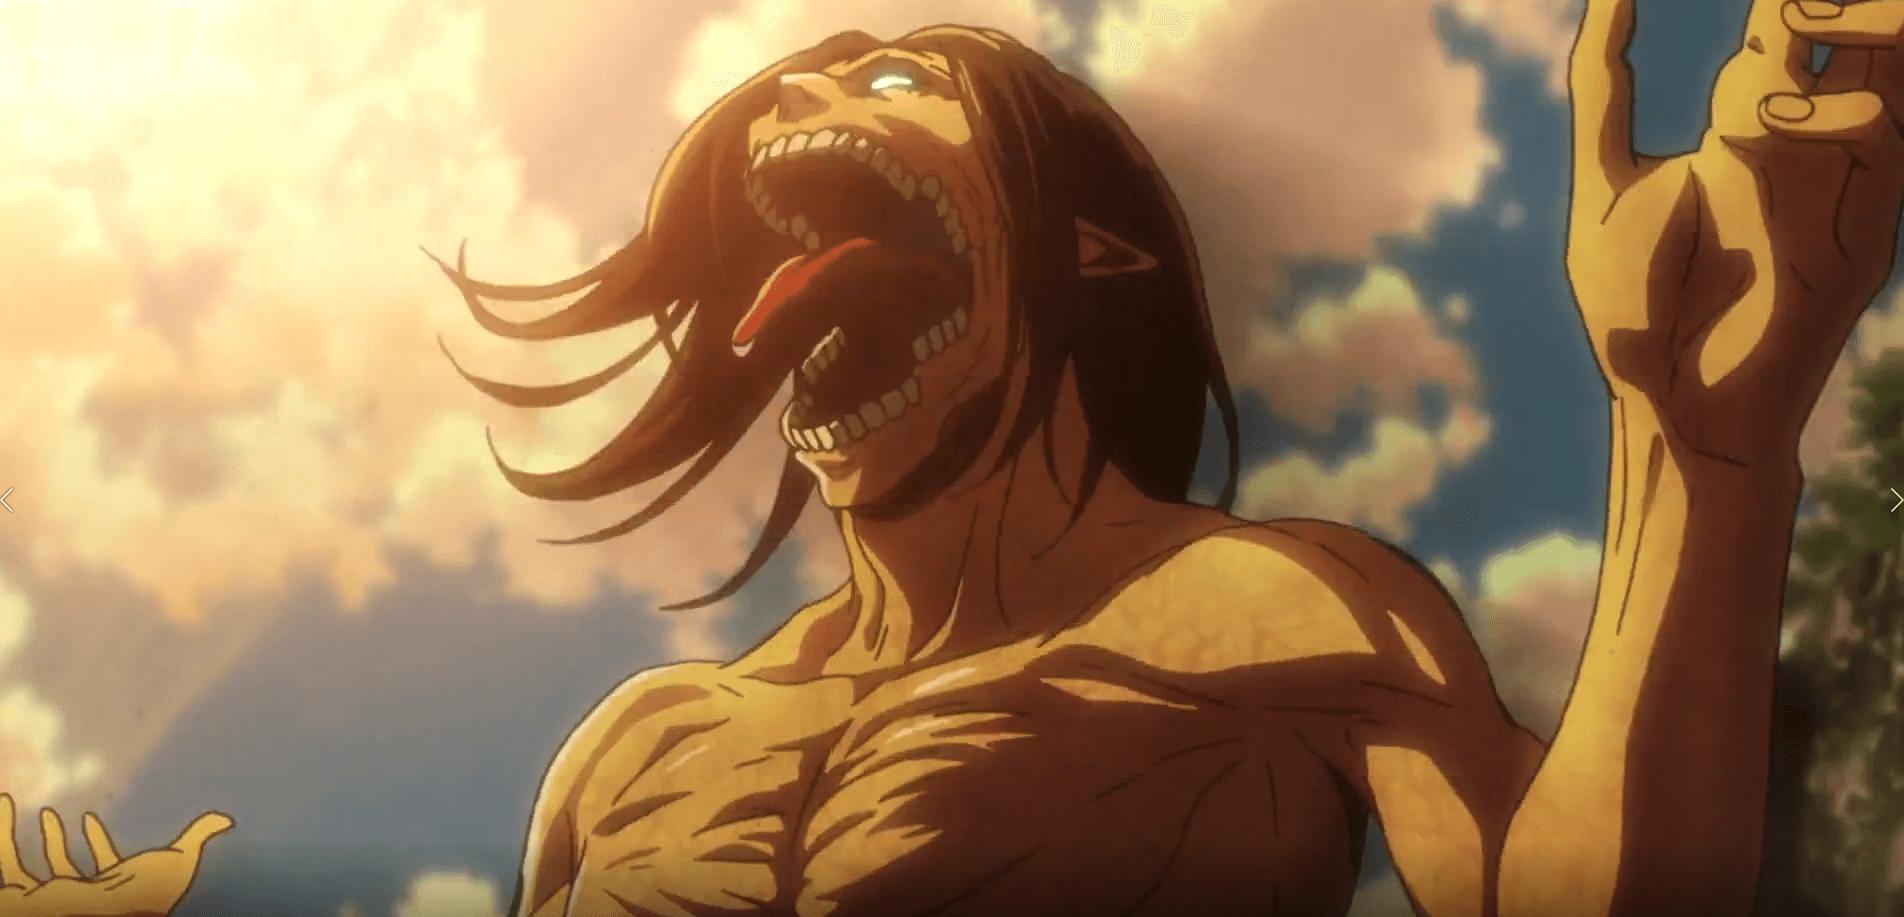 Attack On Titan Season 3 Episode 1 Review Smoke Signal Otaku Orbit So, it's time to list the top 5 titans of attack on titan (season 1)! attack on titan season 3 episode 1